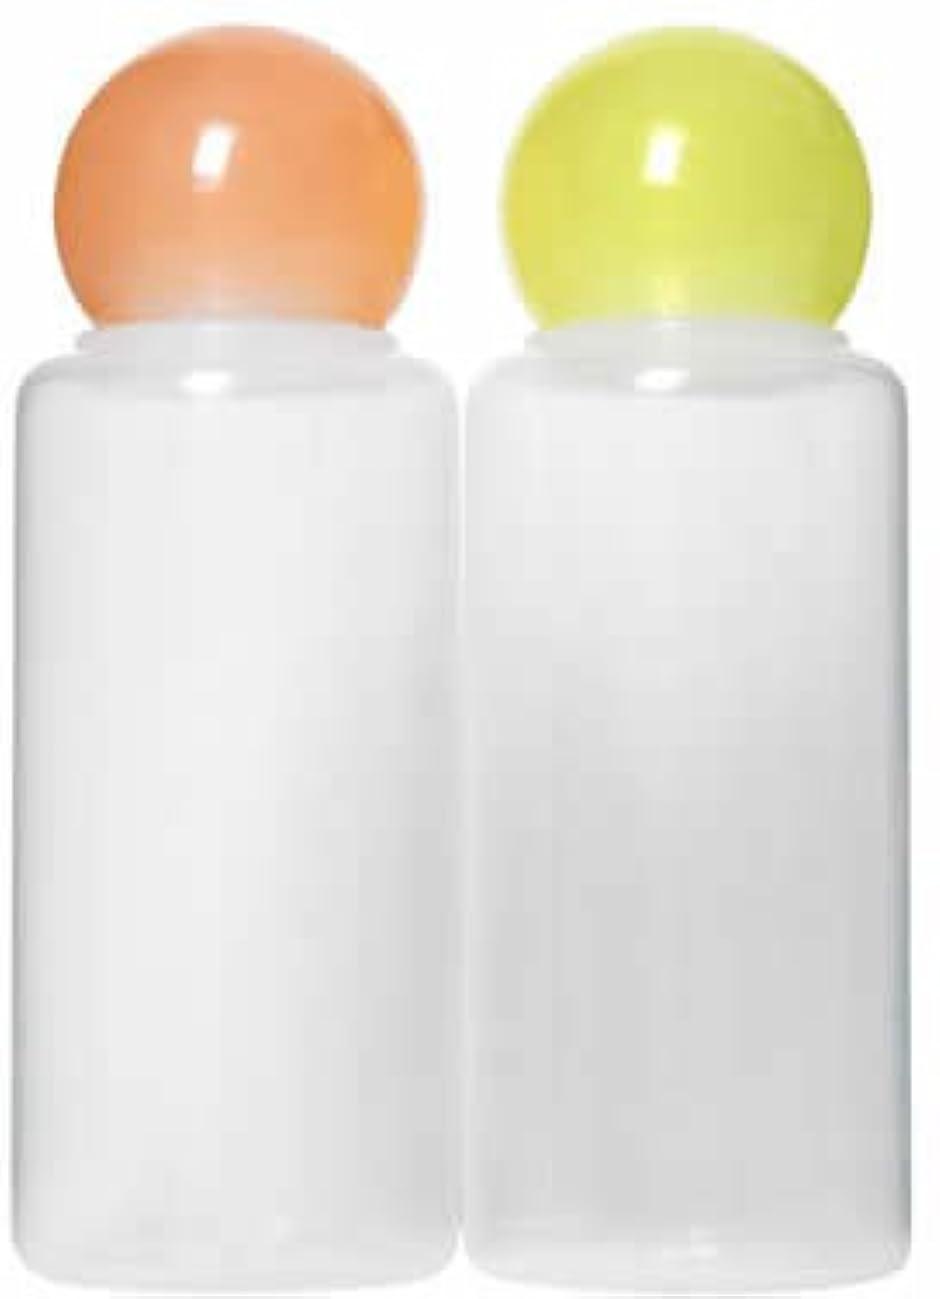 祝福する標高朝エミー ボトルセットT-20 オレンジ&イエロー